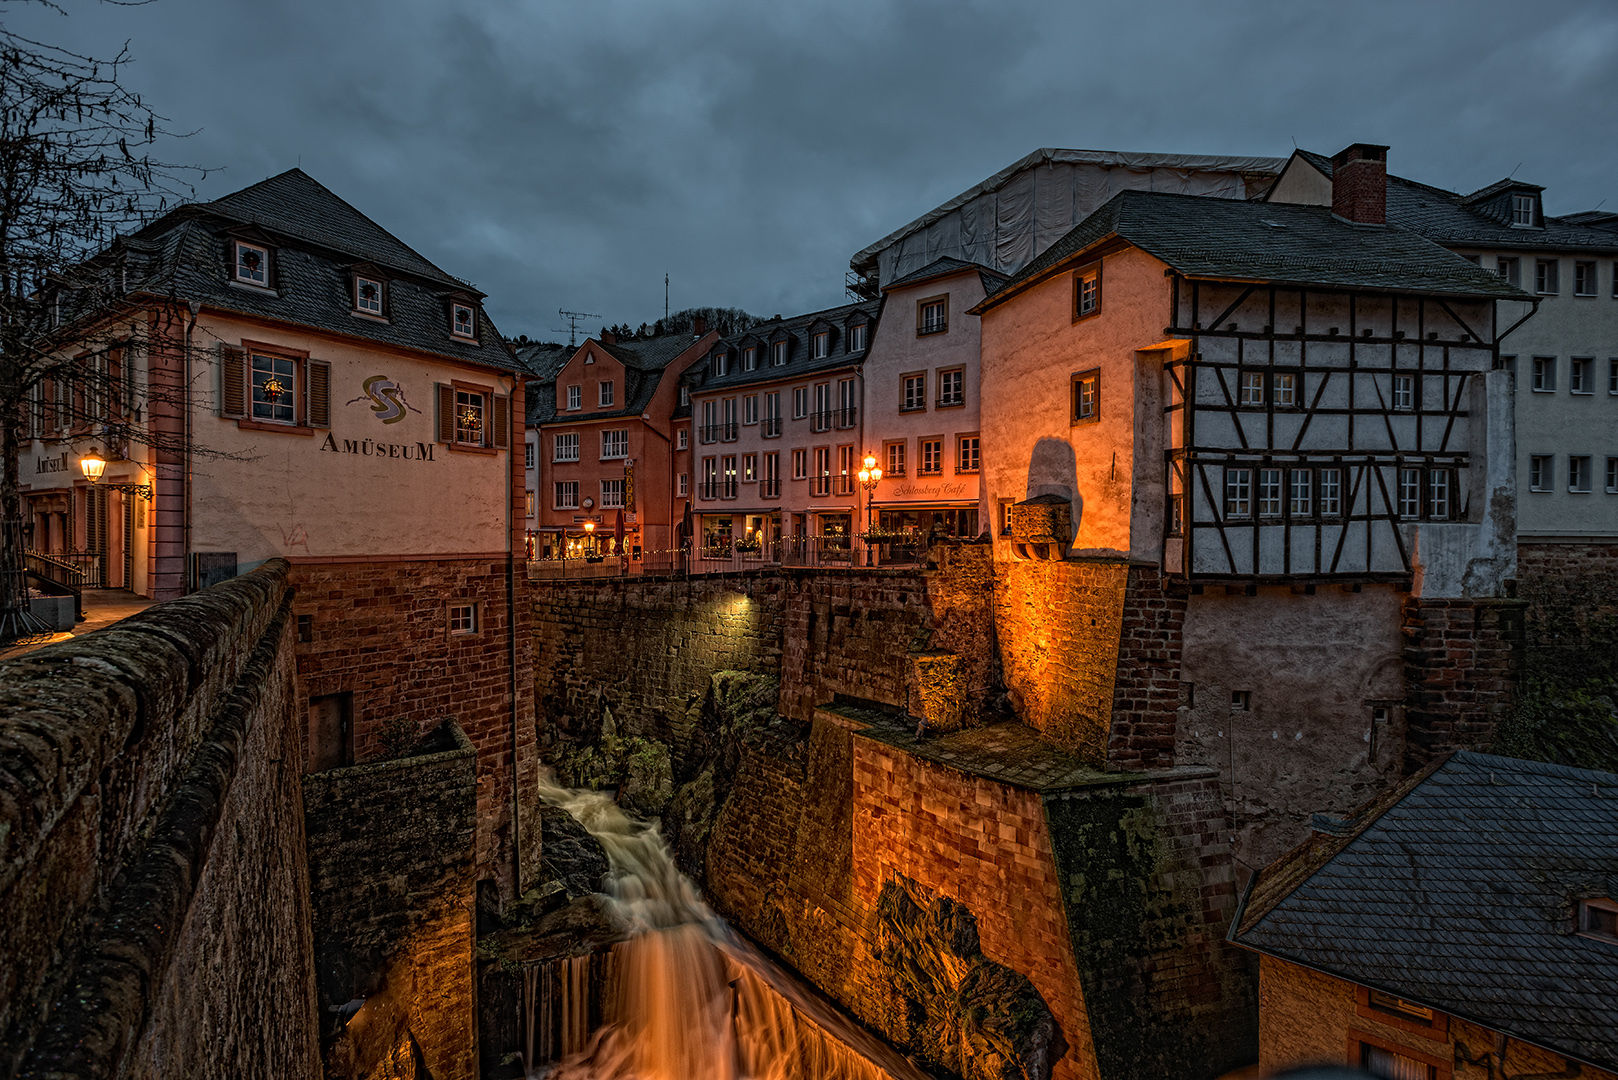 Abends in Saarburg